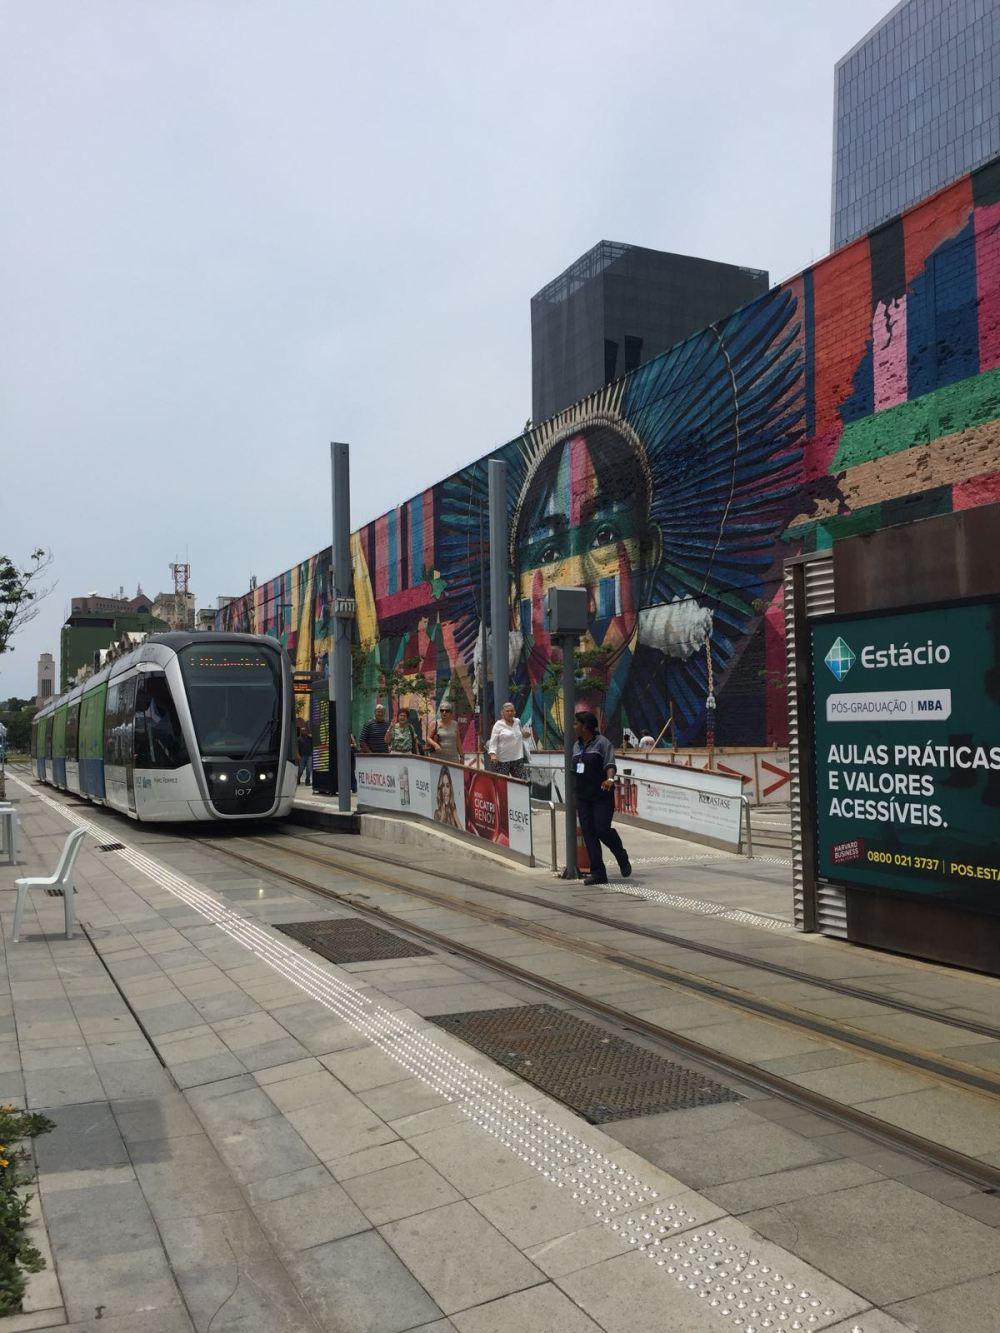 Transporte público do Rio de Janeiro